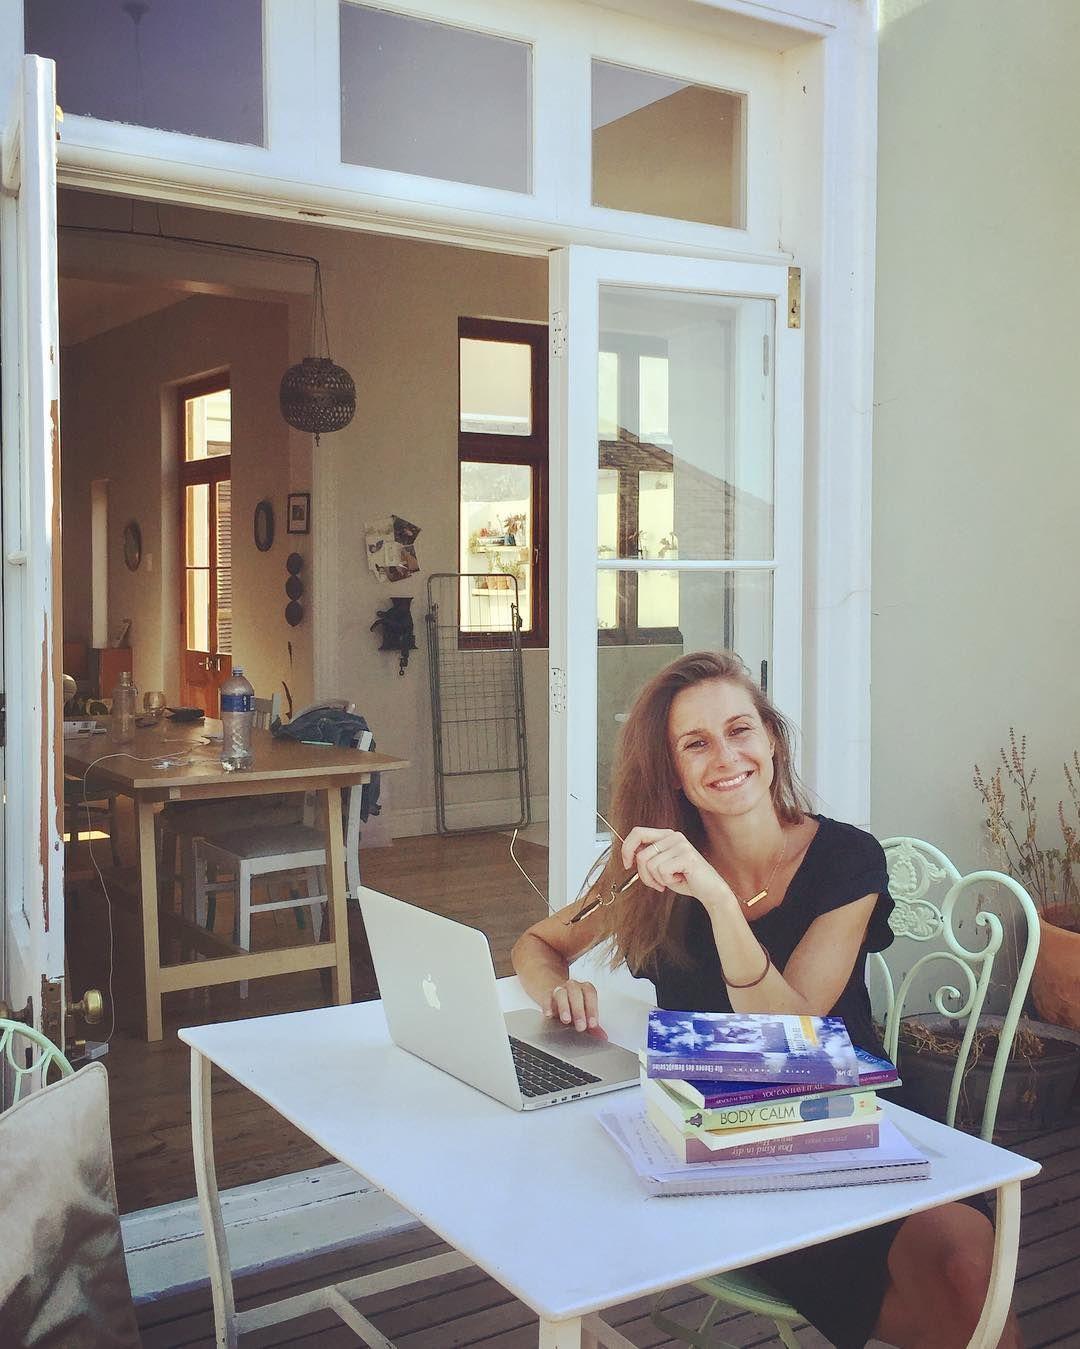 Guten Morgen Ich Bin Zuruck In Kapstadt Nach 10 Tagen Schweigen Und Meditieren Die Langsten 10 Tage Meines Lebens Meditieren Kapstadt Schweigen